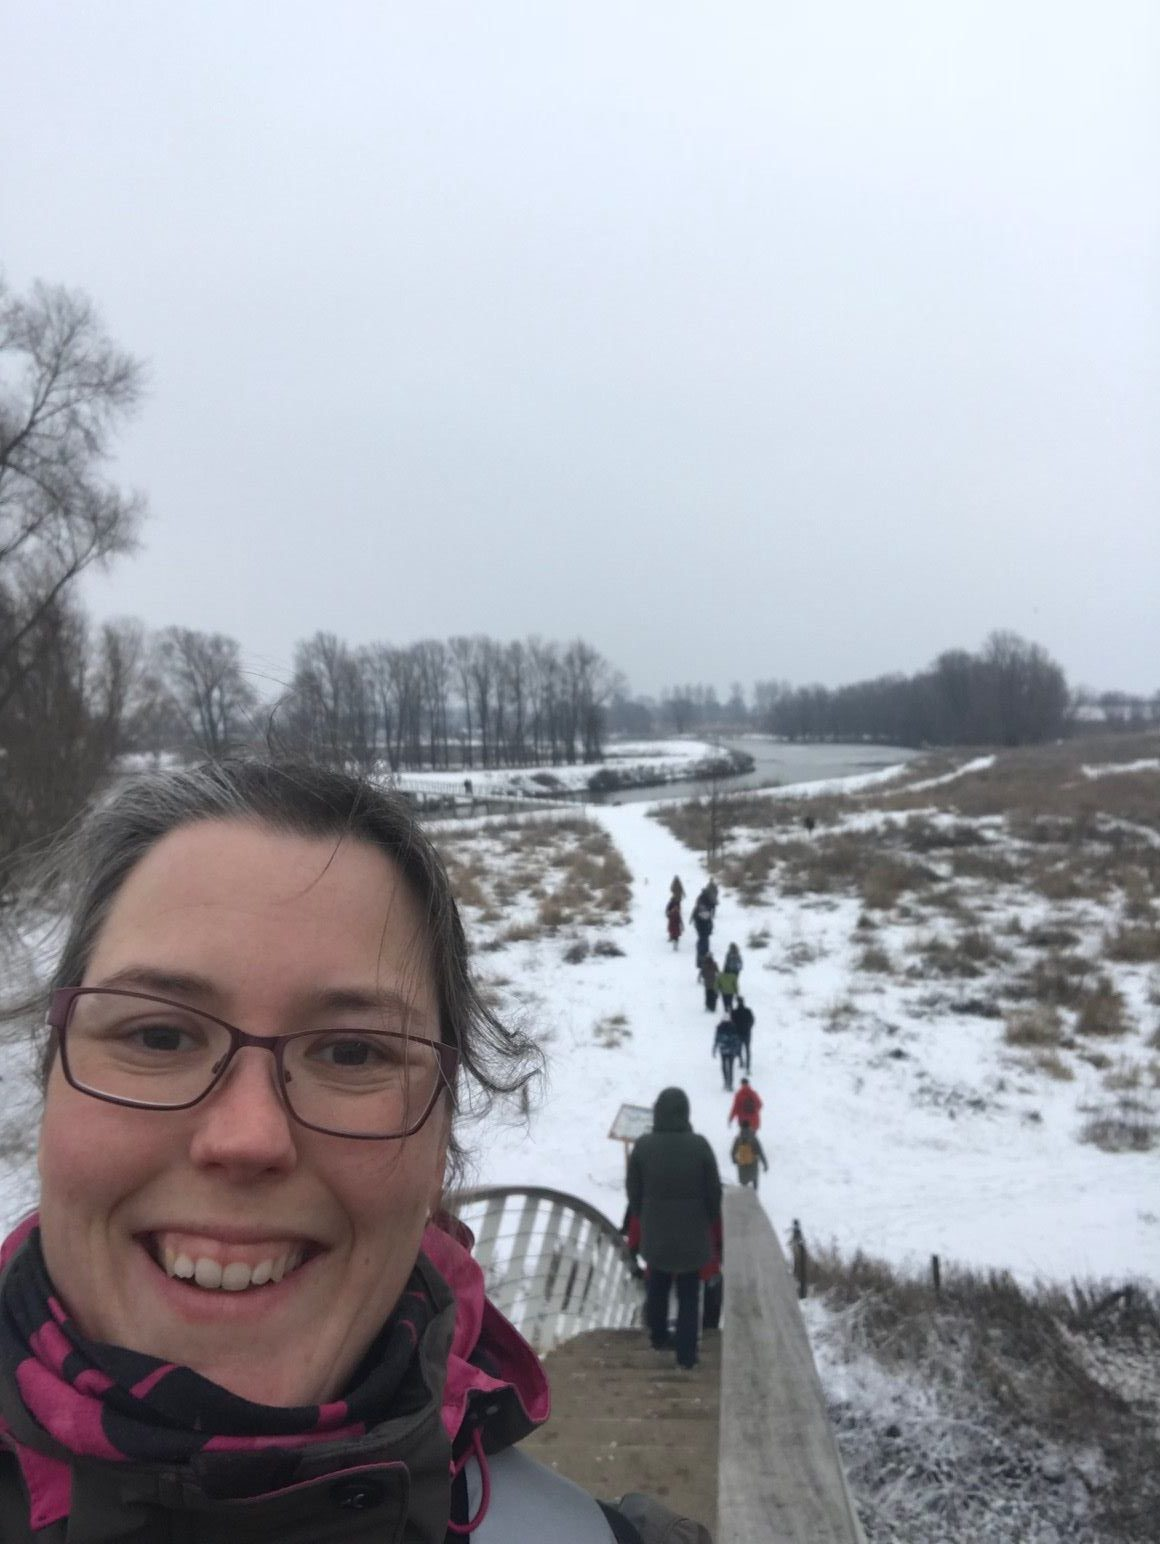 Winterwandeling in Stadswaard Nijmegen